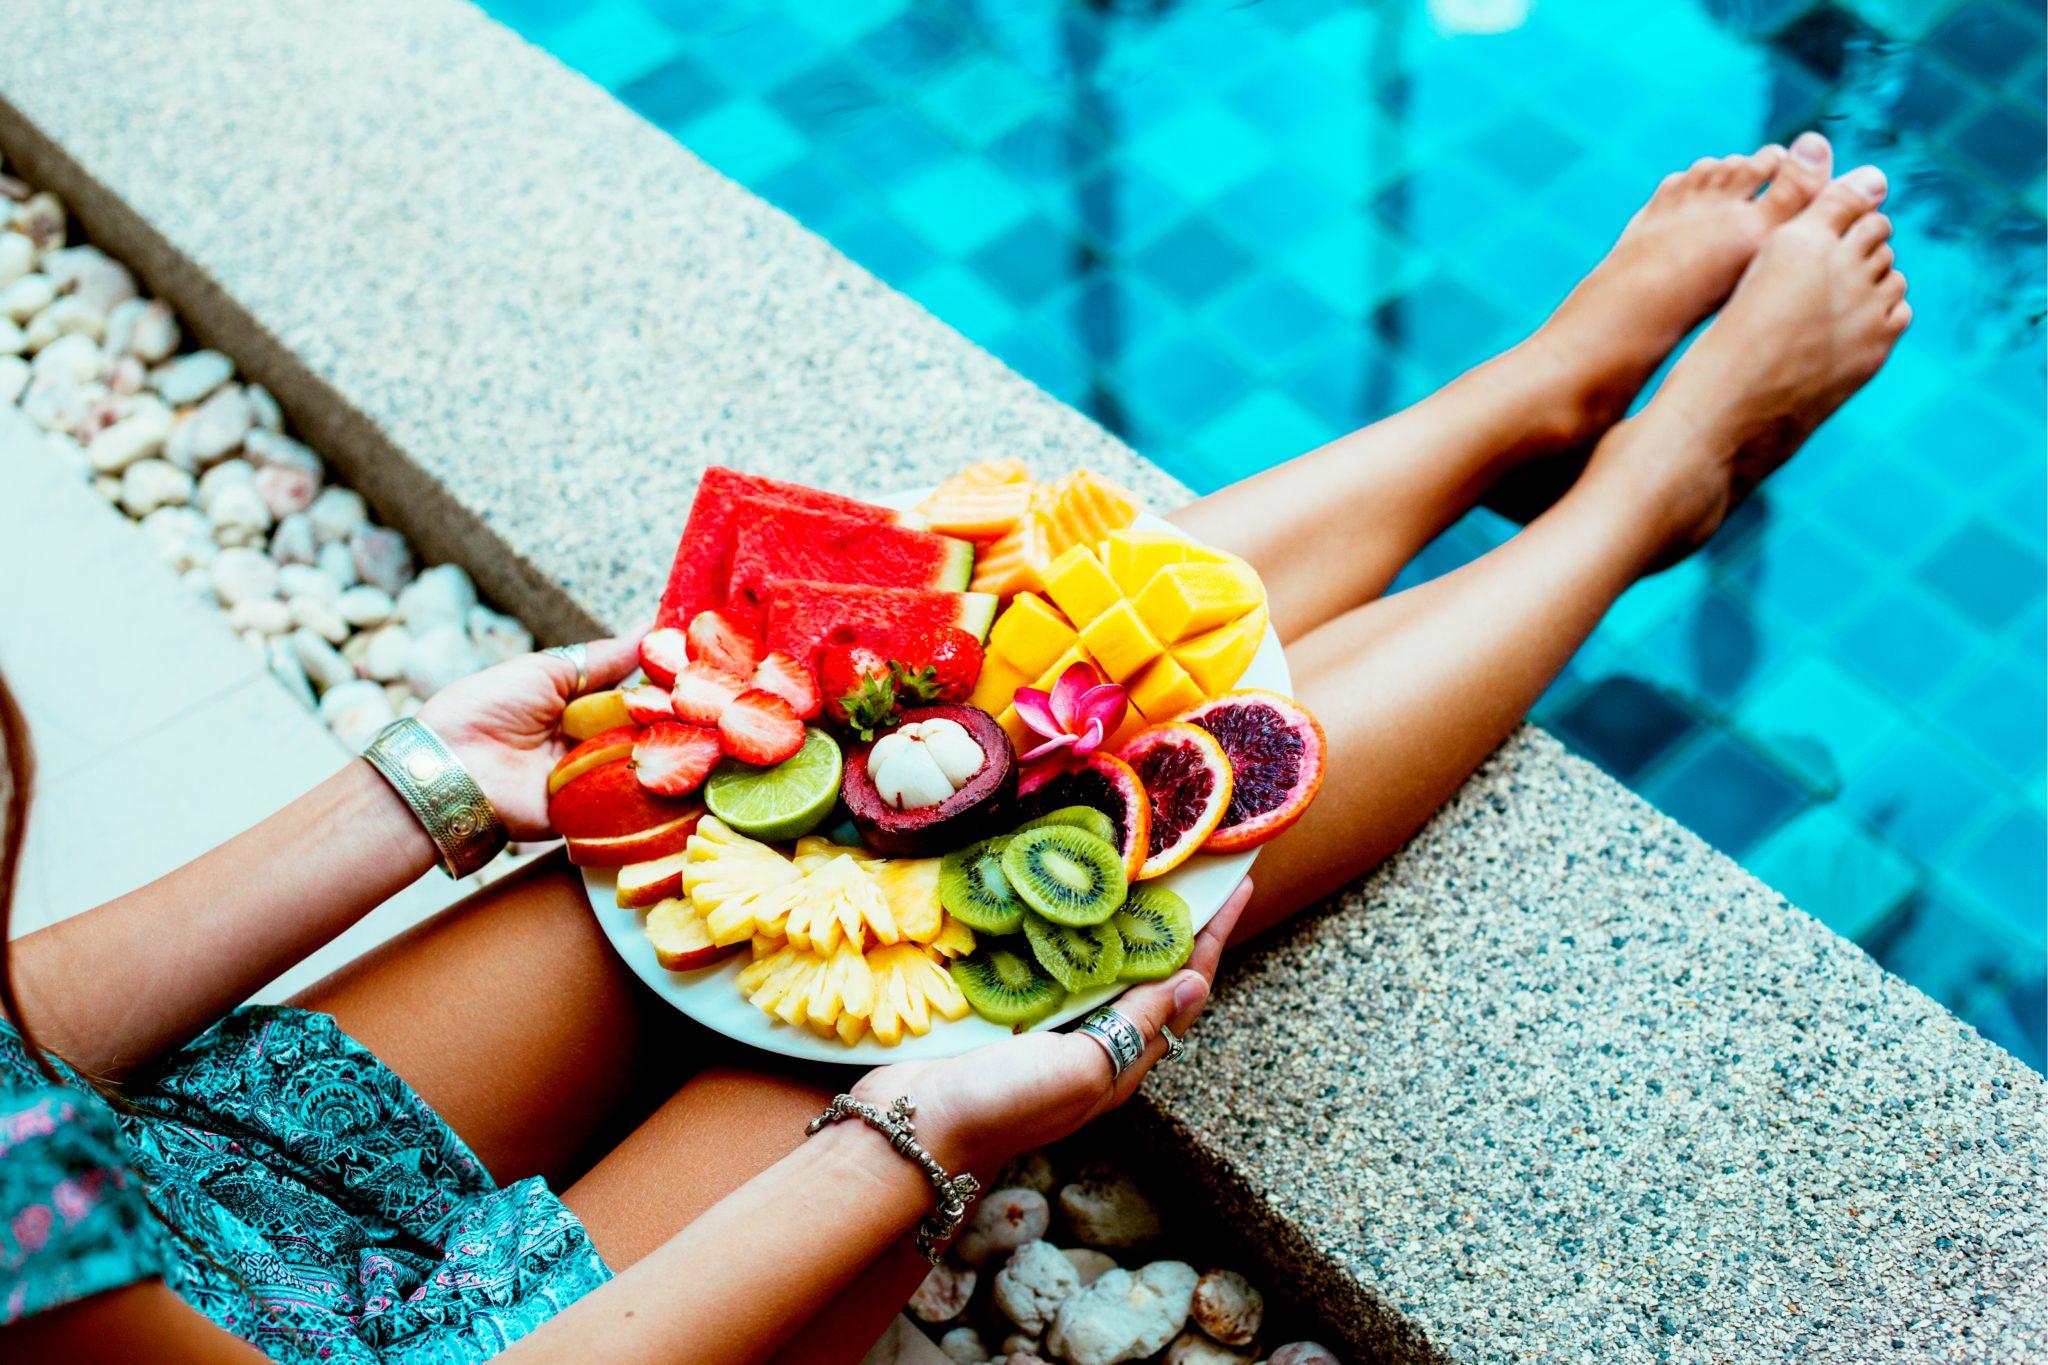 綺麗な女性がプールサイドでフルーツを食べている